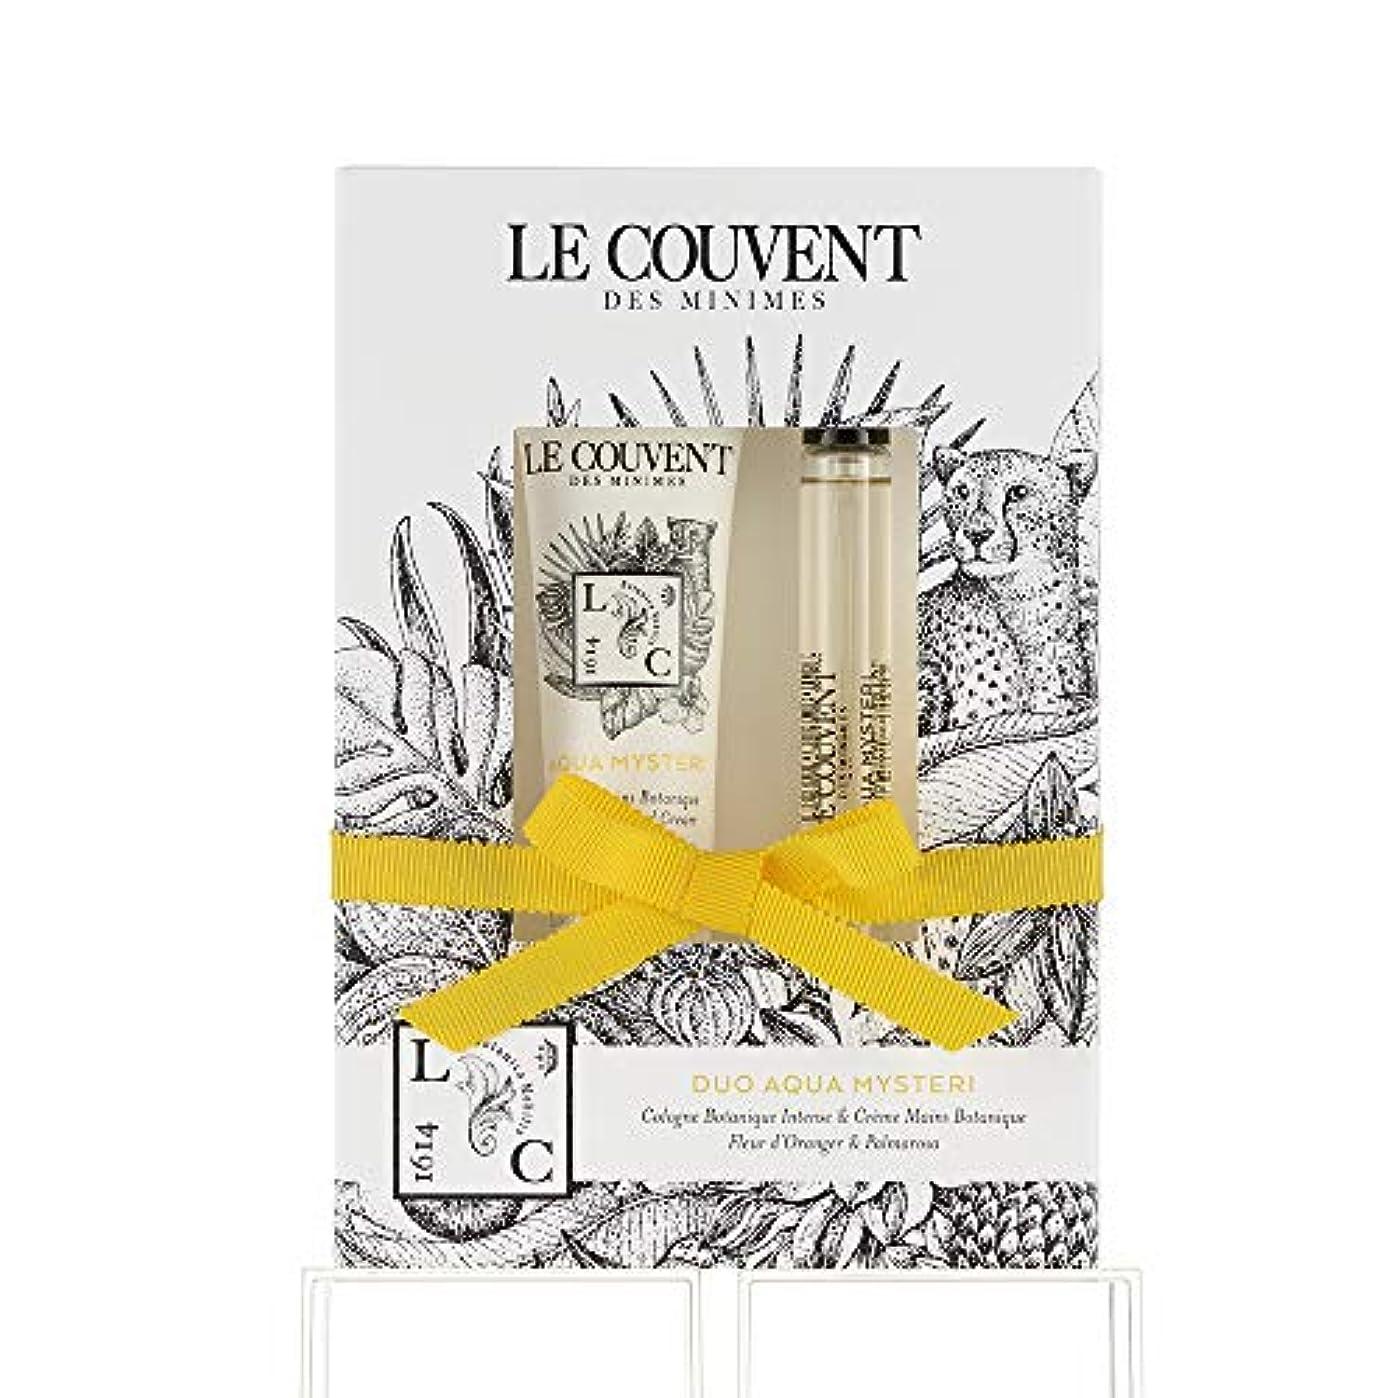 小麦効果的邪魔するクヴォン?デ?ミニム(Le Couvent des Minimes) ボタニカルデュオ ボタニカルコロン アクアミステリ10mL×1、アクアミステリ ハンドクリーム30g×1